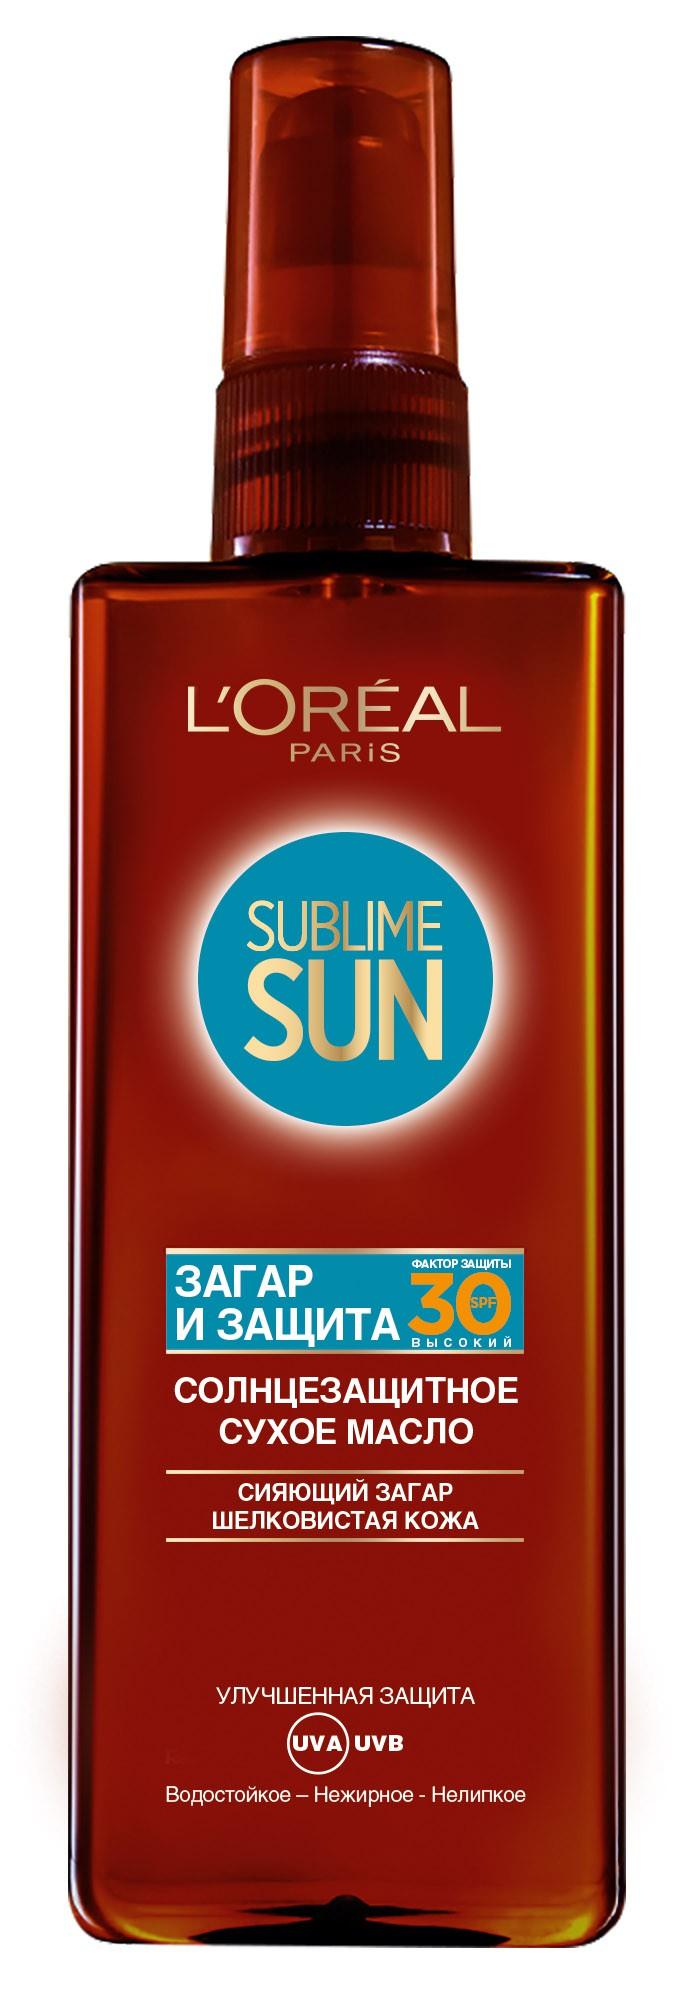 LOreal Paris Sublime Sun Сухое масло Загар и Защита, солнцезащитное, SPF 30, 150 млFS-00897Солнцезащитное масло для тела Сублим Сан, Загар и Защитасо степенью защиты SPF 30 подарит Вам– роскошный ровный загар без ущерба для здоровья и красоты Вашей кожи. Система фильтров Mexoryl XLзащищает кожу от негативного воздействия солнца на кожу. Сухое масло одновременно ухаживает и питает кожу. Сухая текстура масла питает кожу . Совершенный загар: бархатная кожа, золотистый ровный загар.